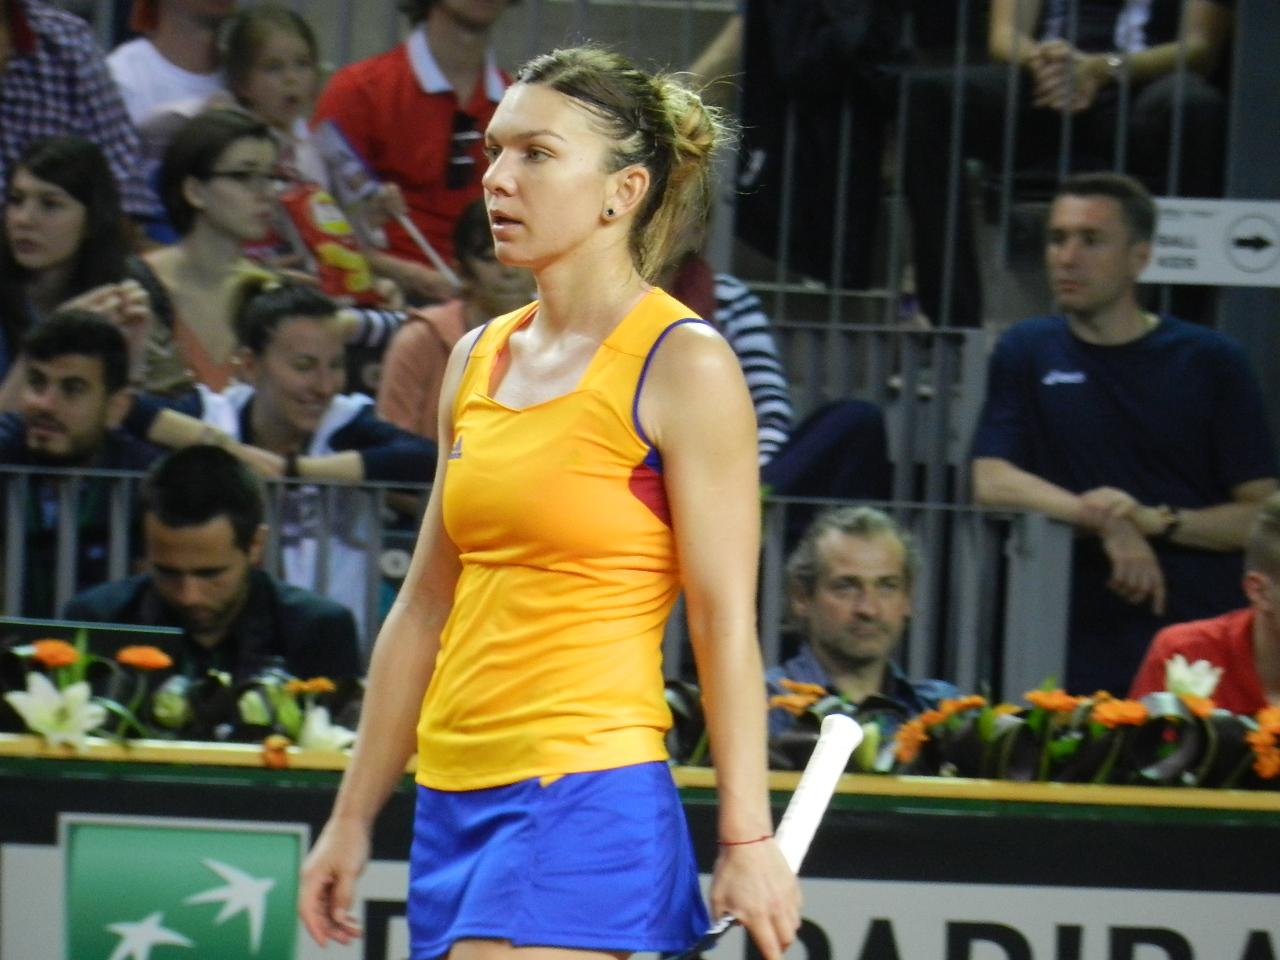 OFICIAL – Simona Halep vine la Cluj pentru Fed Cup, dar nu va juca!